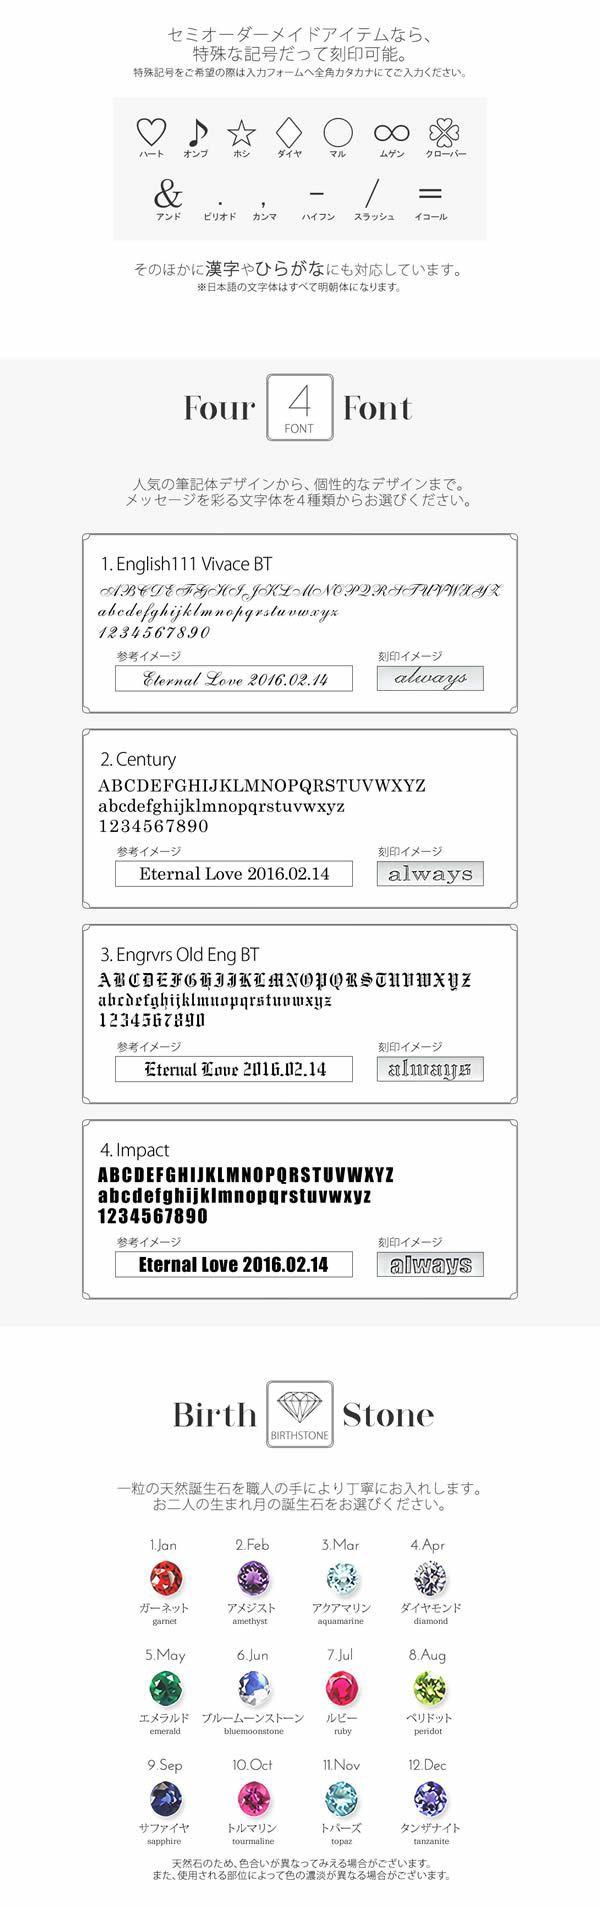 デザイン性を重視される方へは筆記体のスタイリッシュな文字体をお薦め。